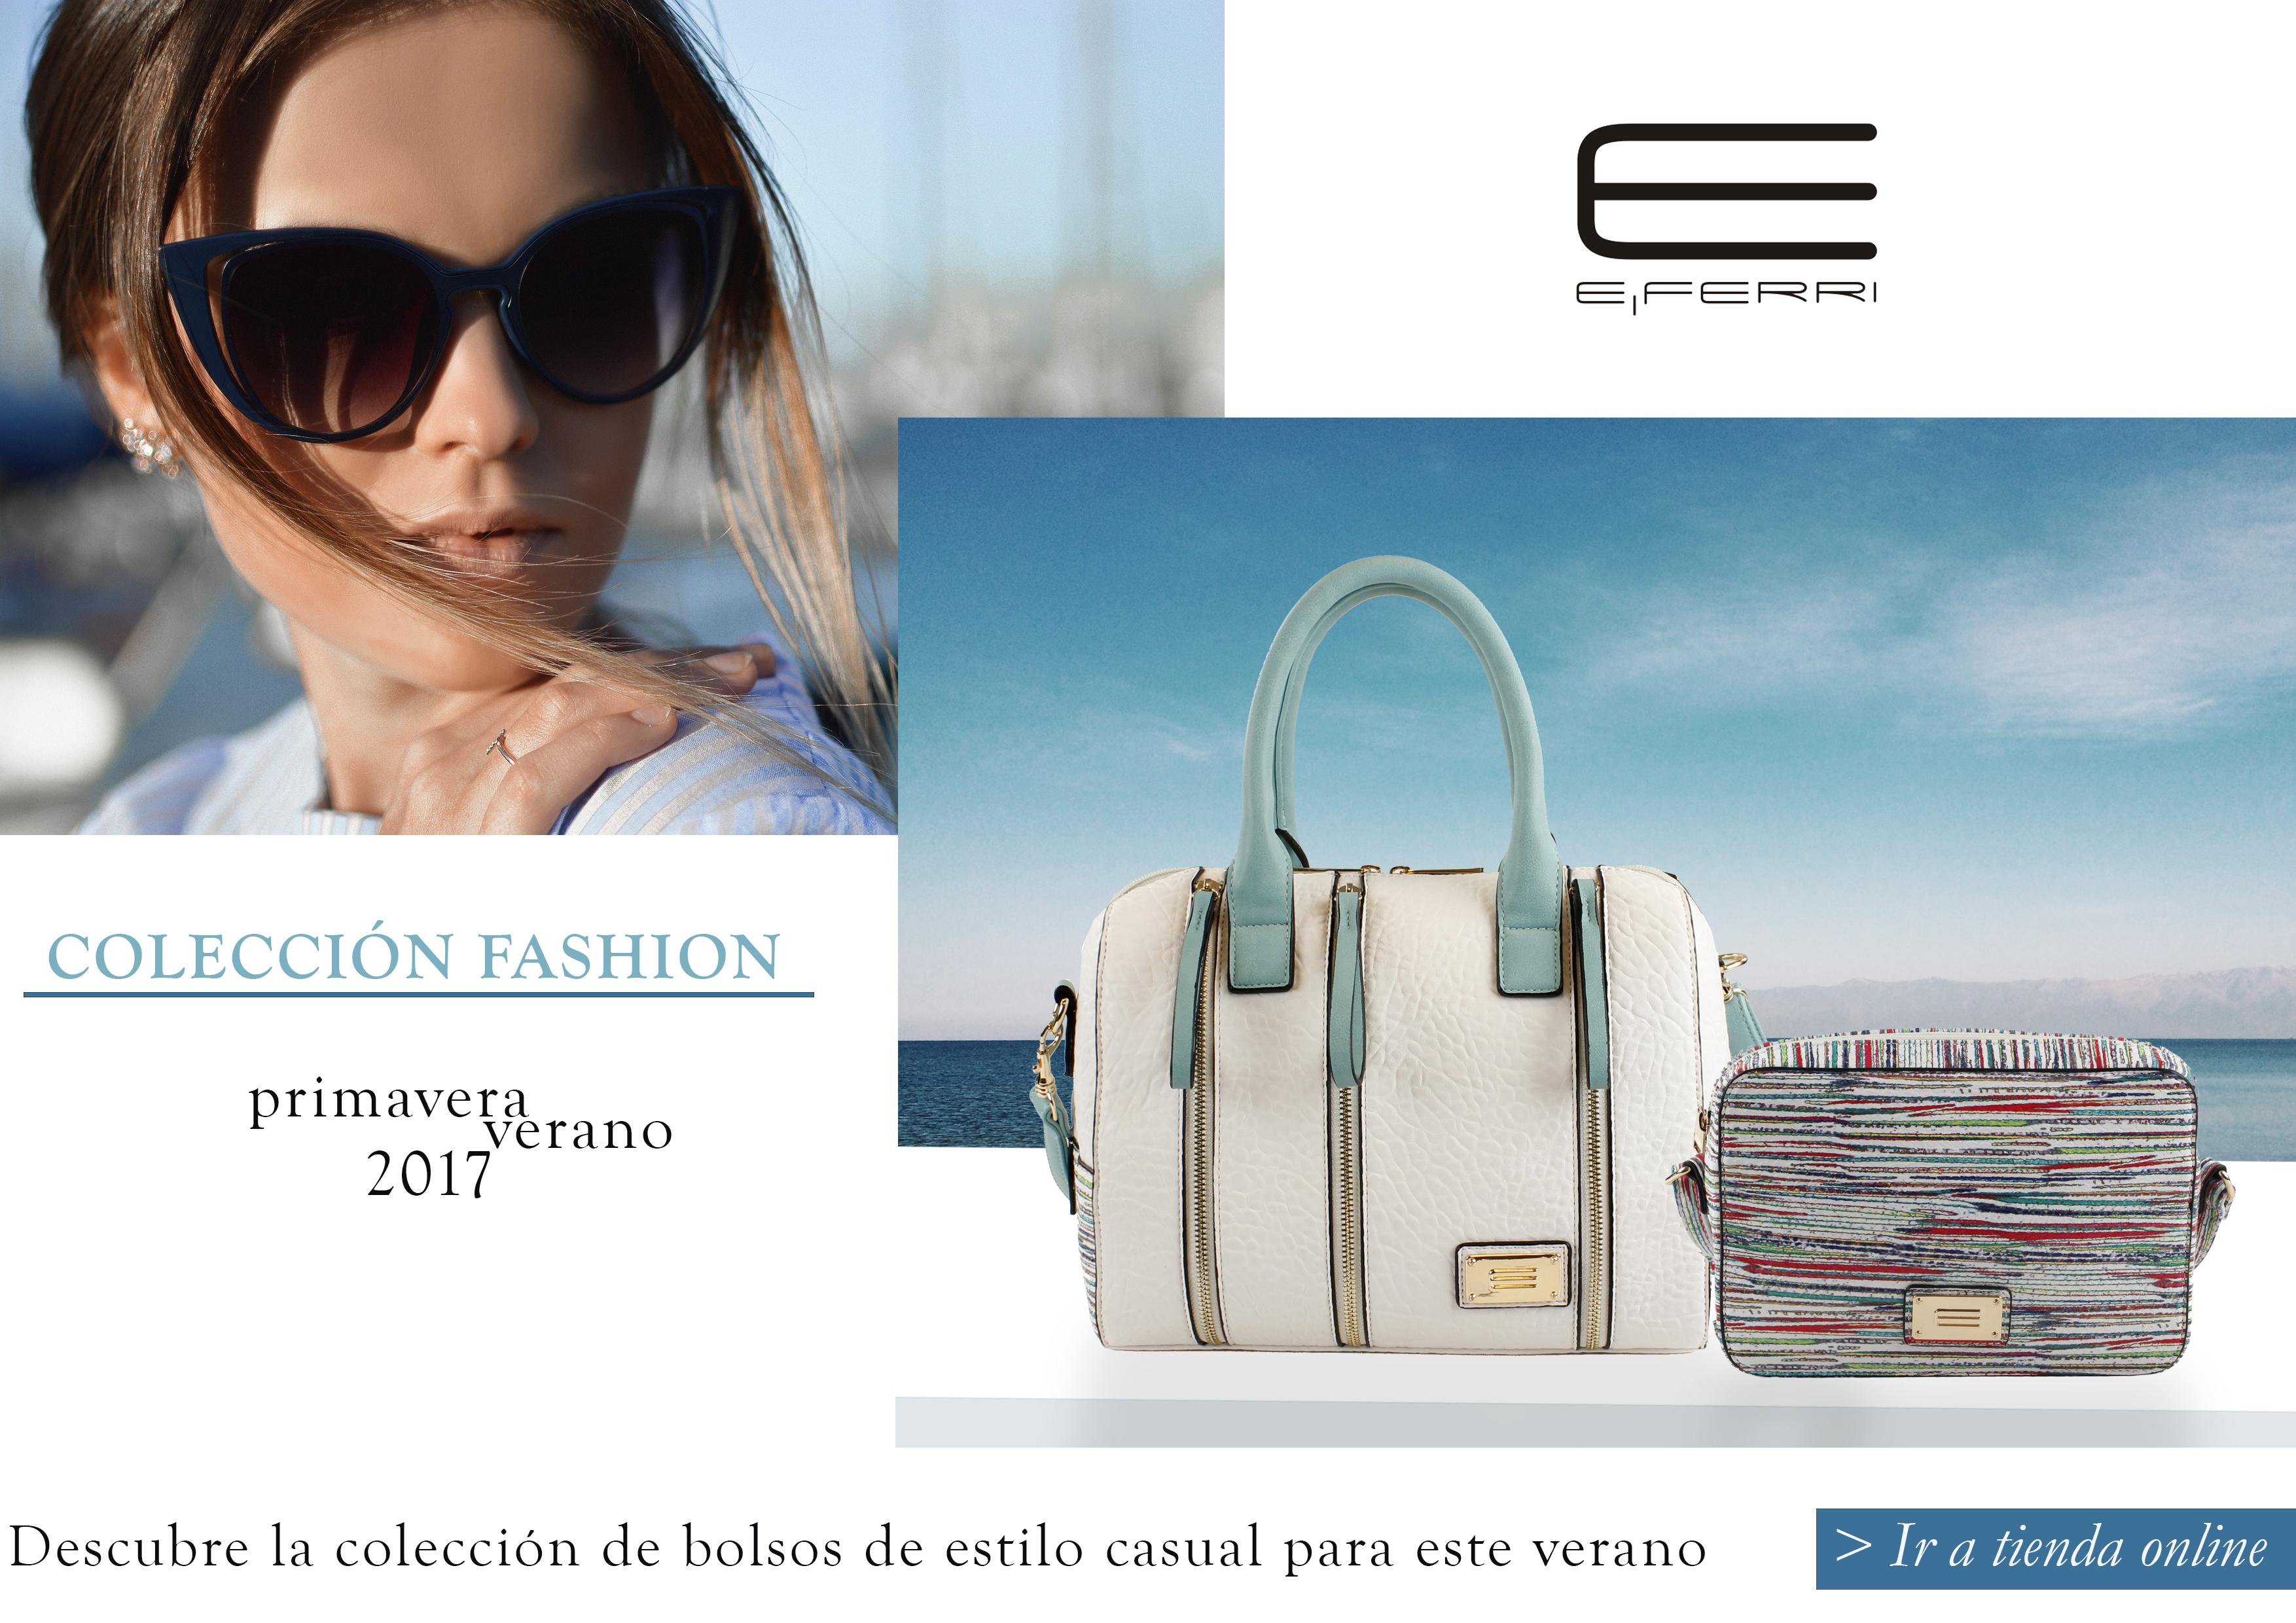 Colección Fashion Primavera verano 2017